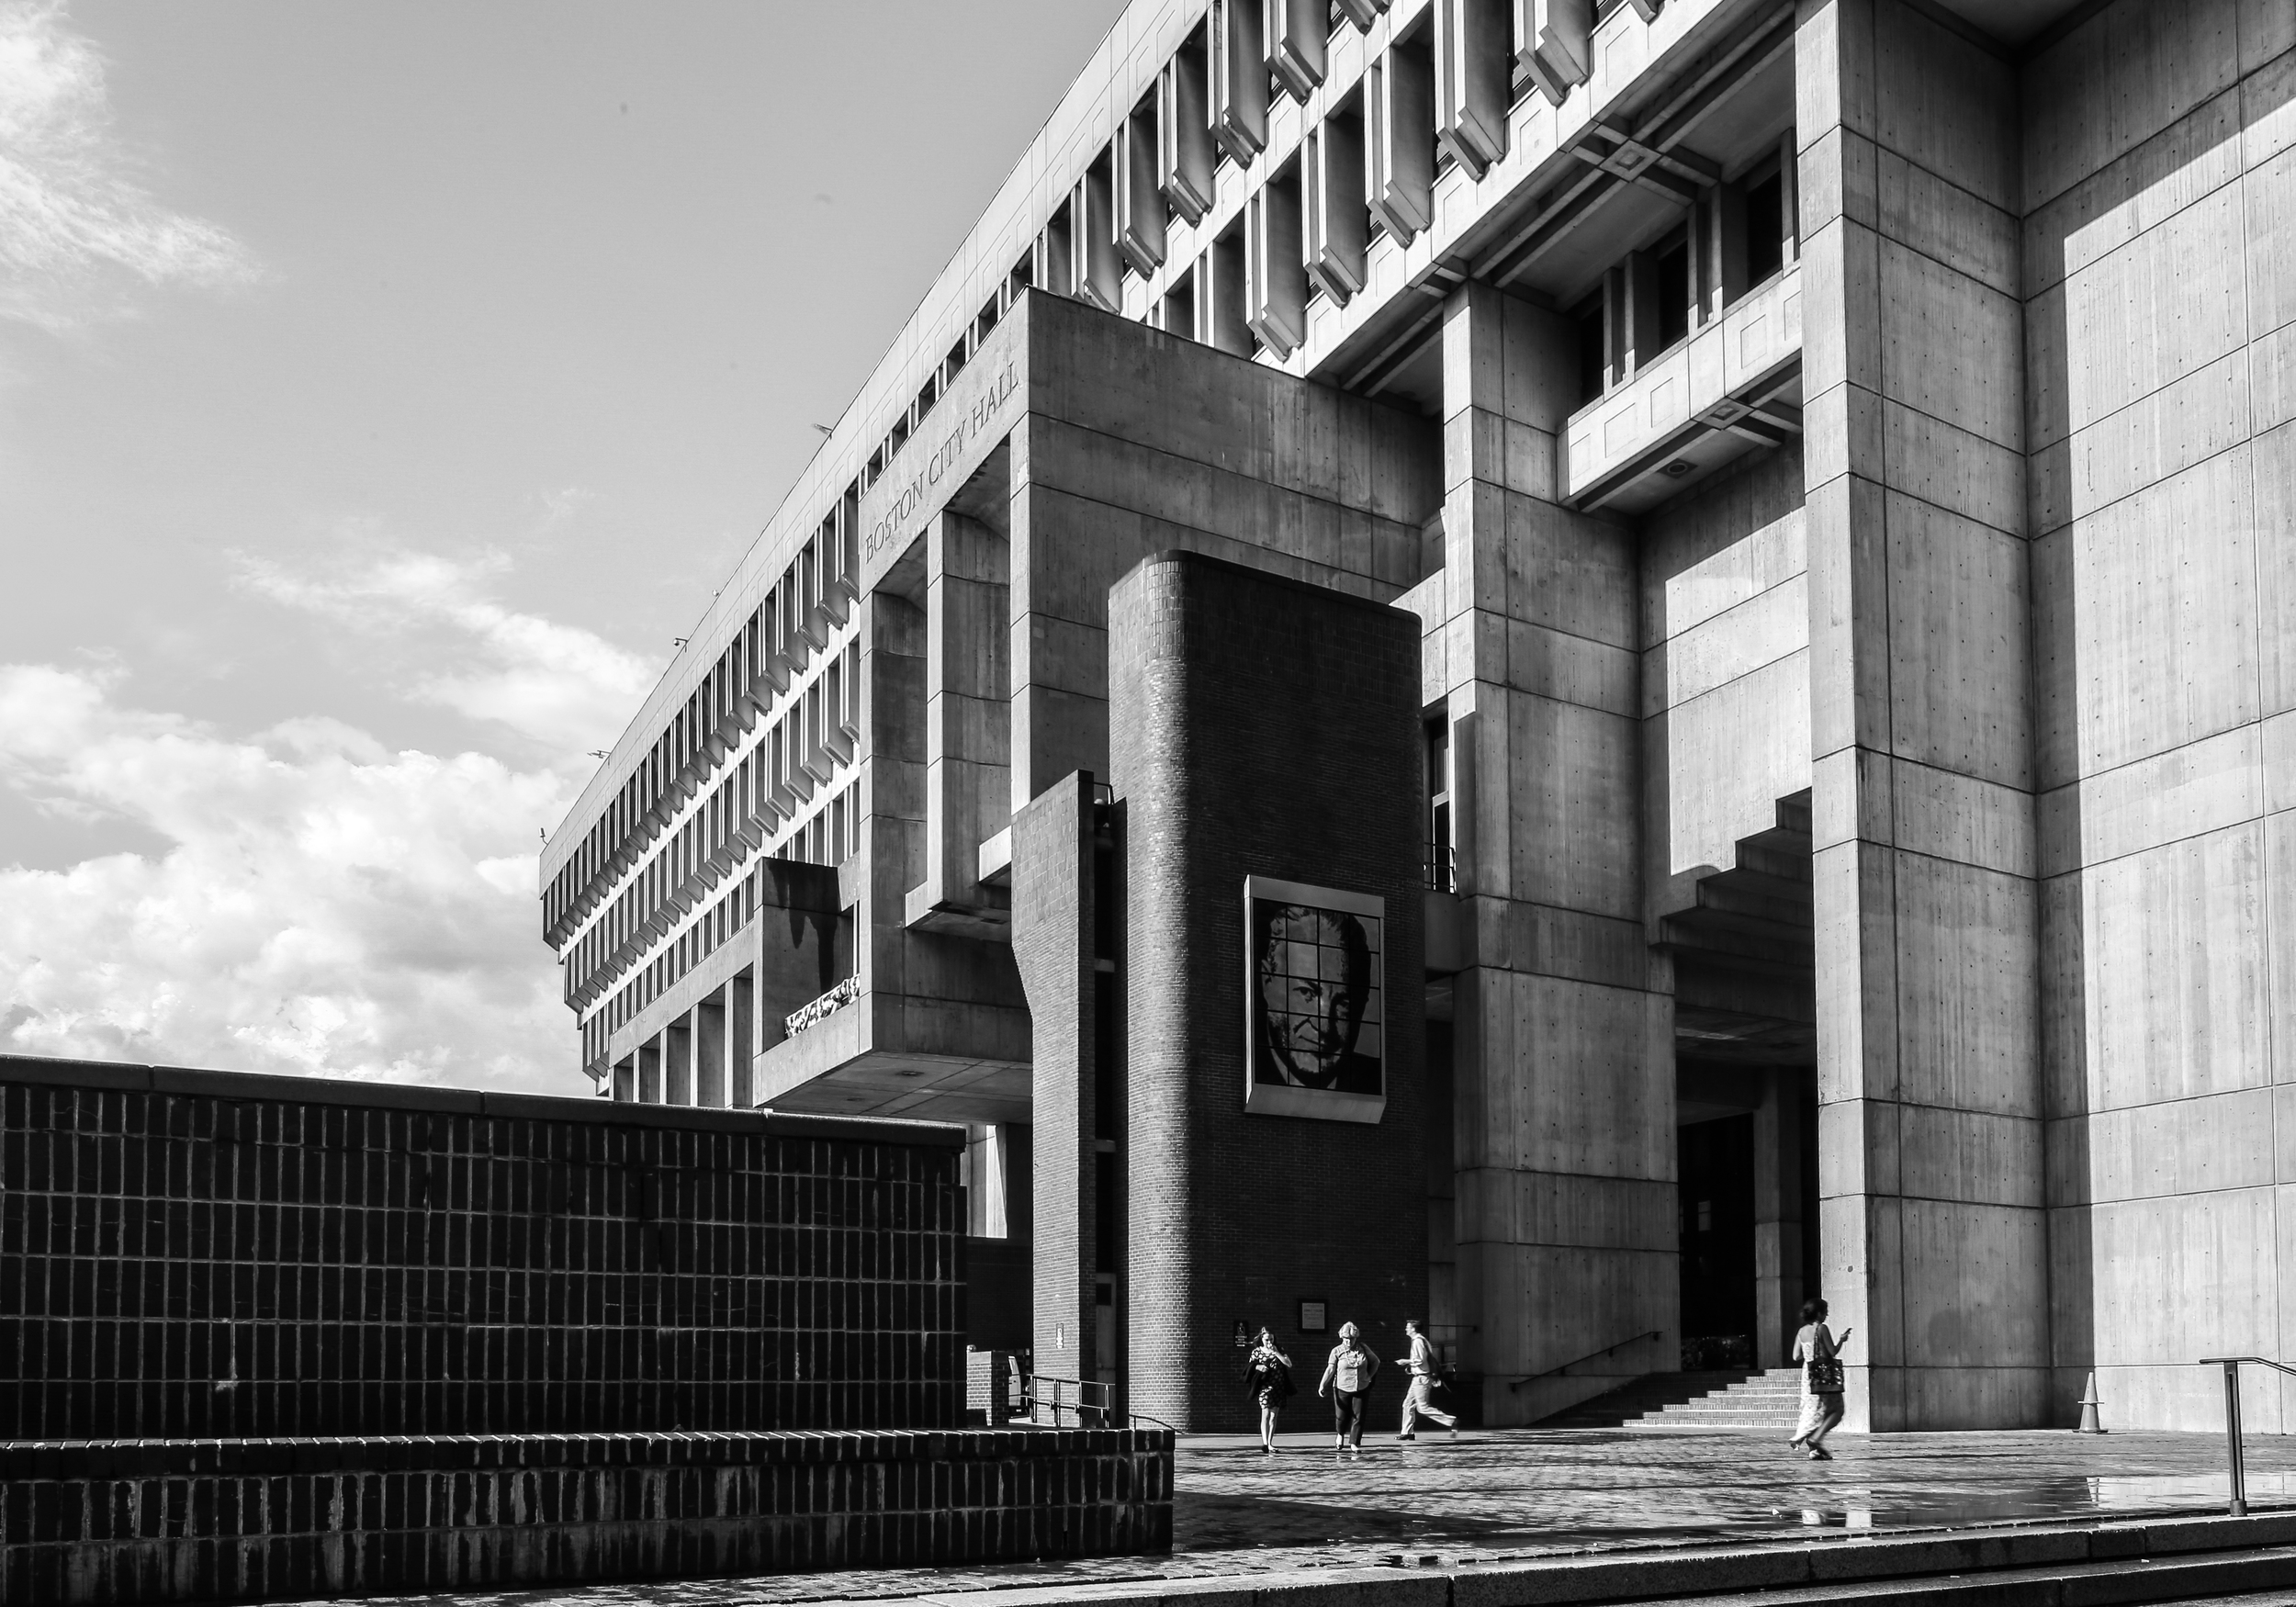 Boston City Hall - Boston, Massachusetts - Gerhard Kallmann and Michael McKinnnell